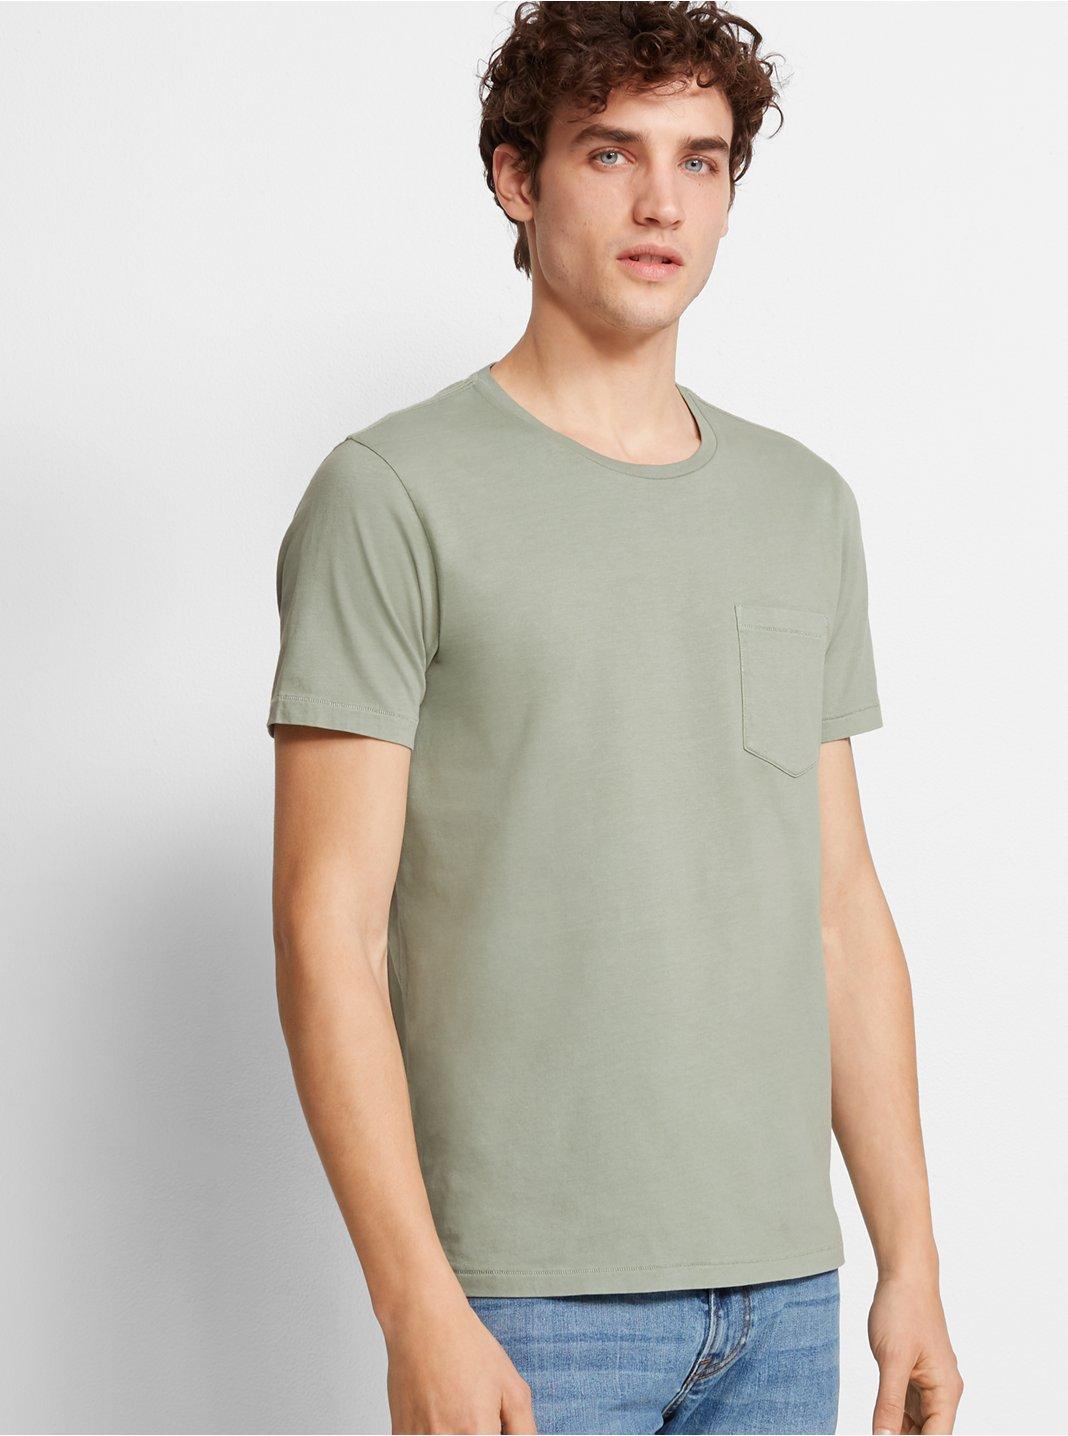 클럽 모나코 맨 Williams 반팔 티셔츠 Club Monaco Williams Garment-Dyed Crew